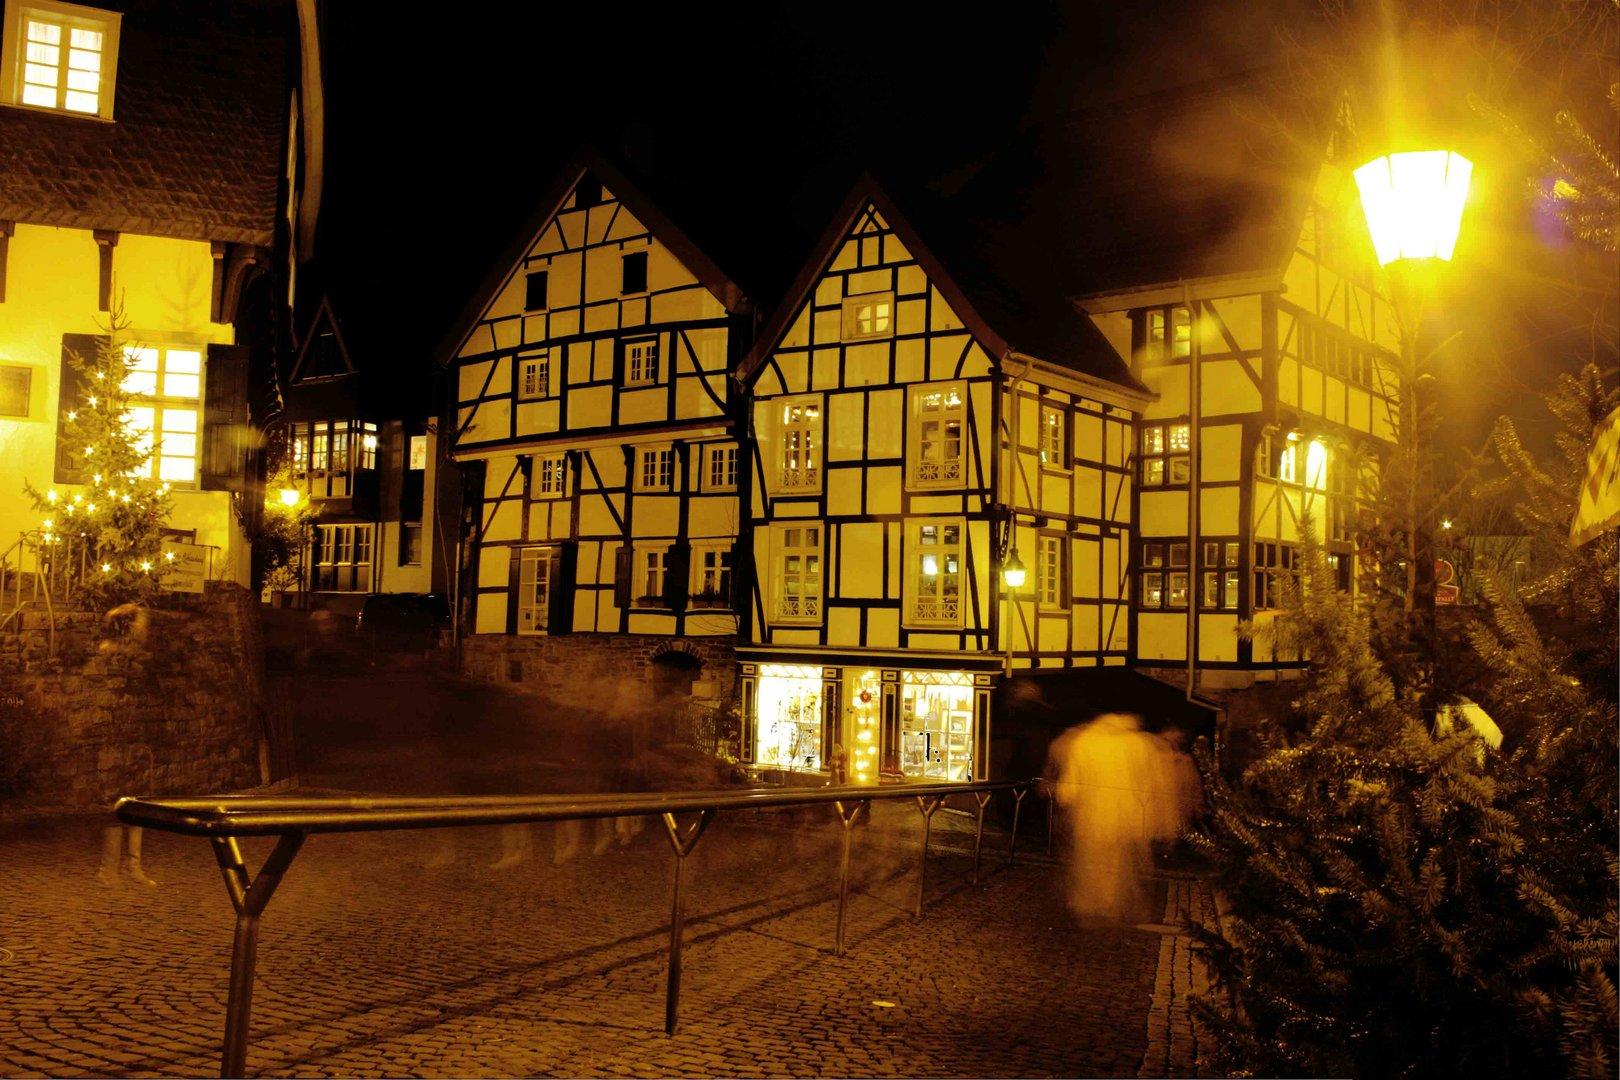 Weihnachtsgeister in der Altstadt Mülheim Foto & Bild   gratulation ...